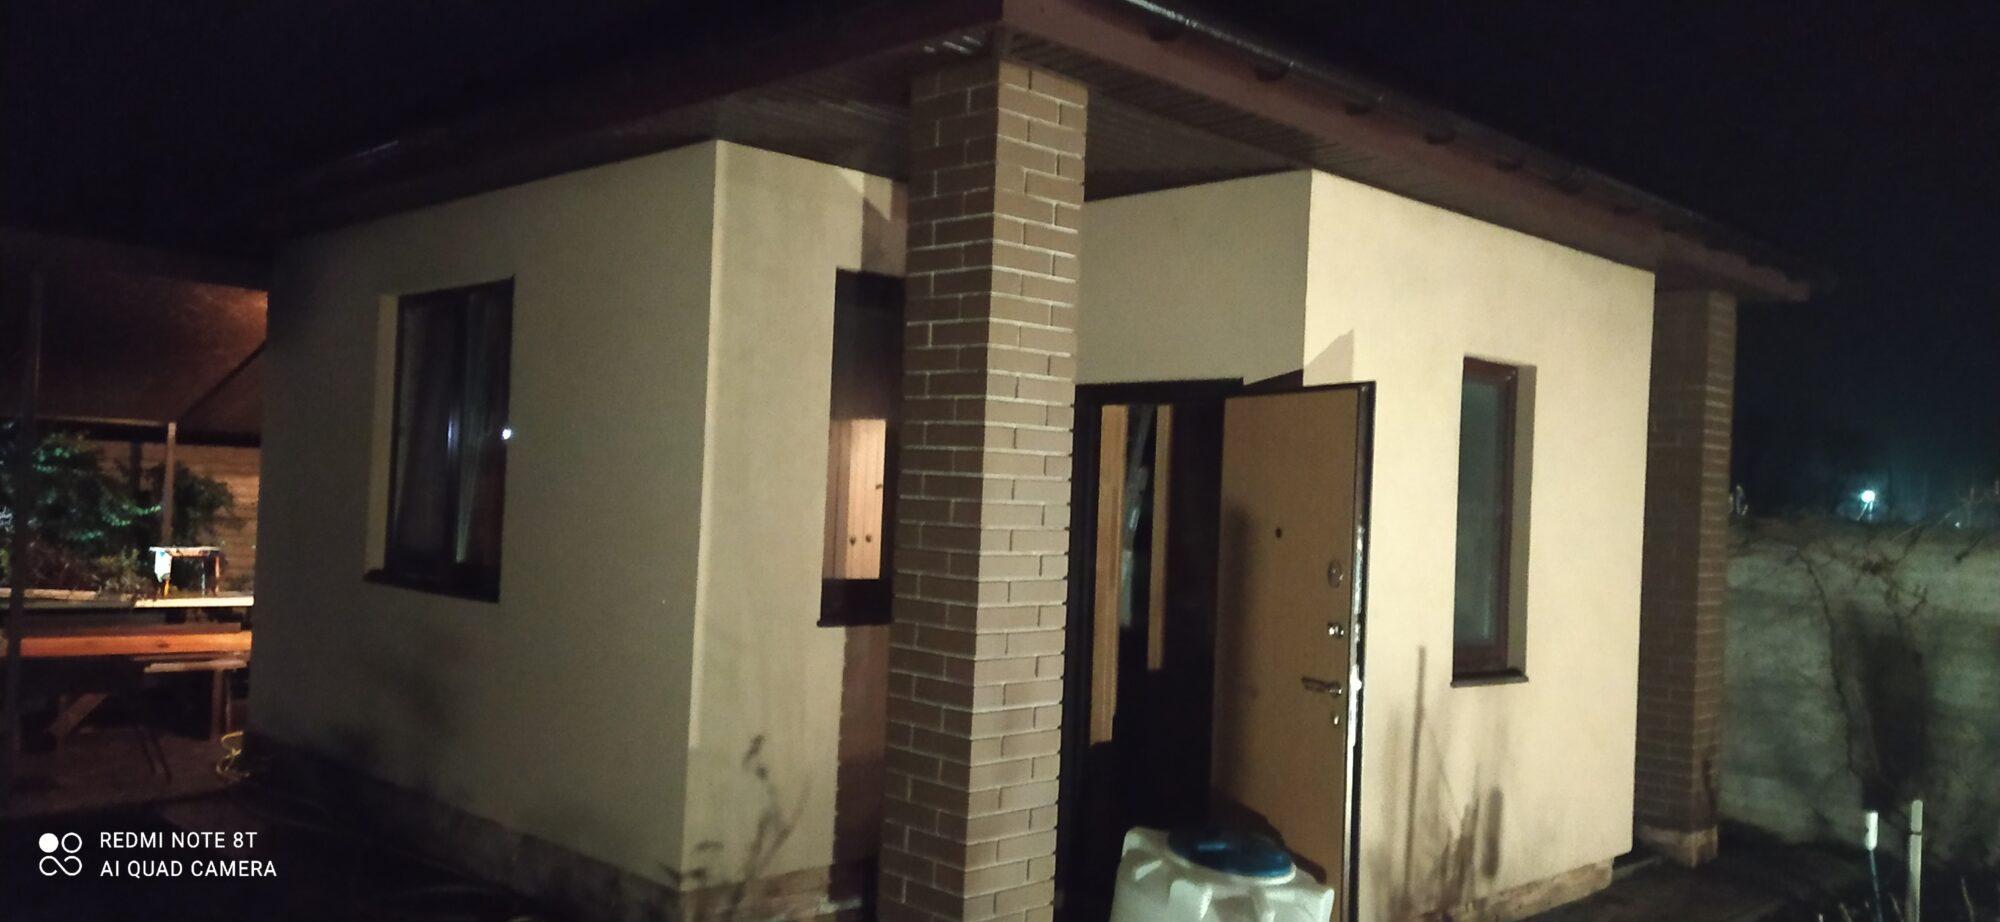 Дві пожежі за добу: у Борисполі горіли лазня та будинок - пожежа будинку, лазня, загорання - IMG 20201218 182253 2000x922